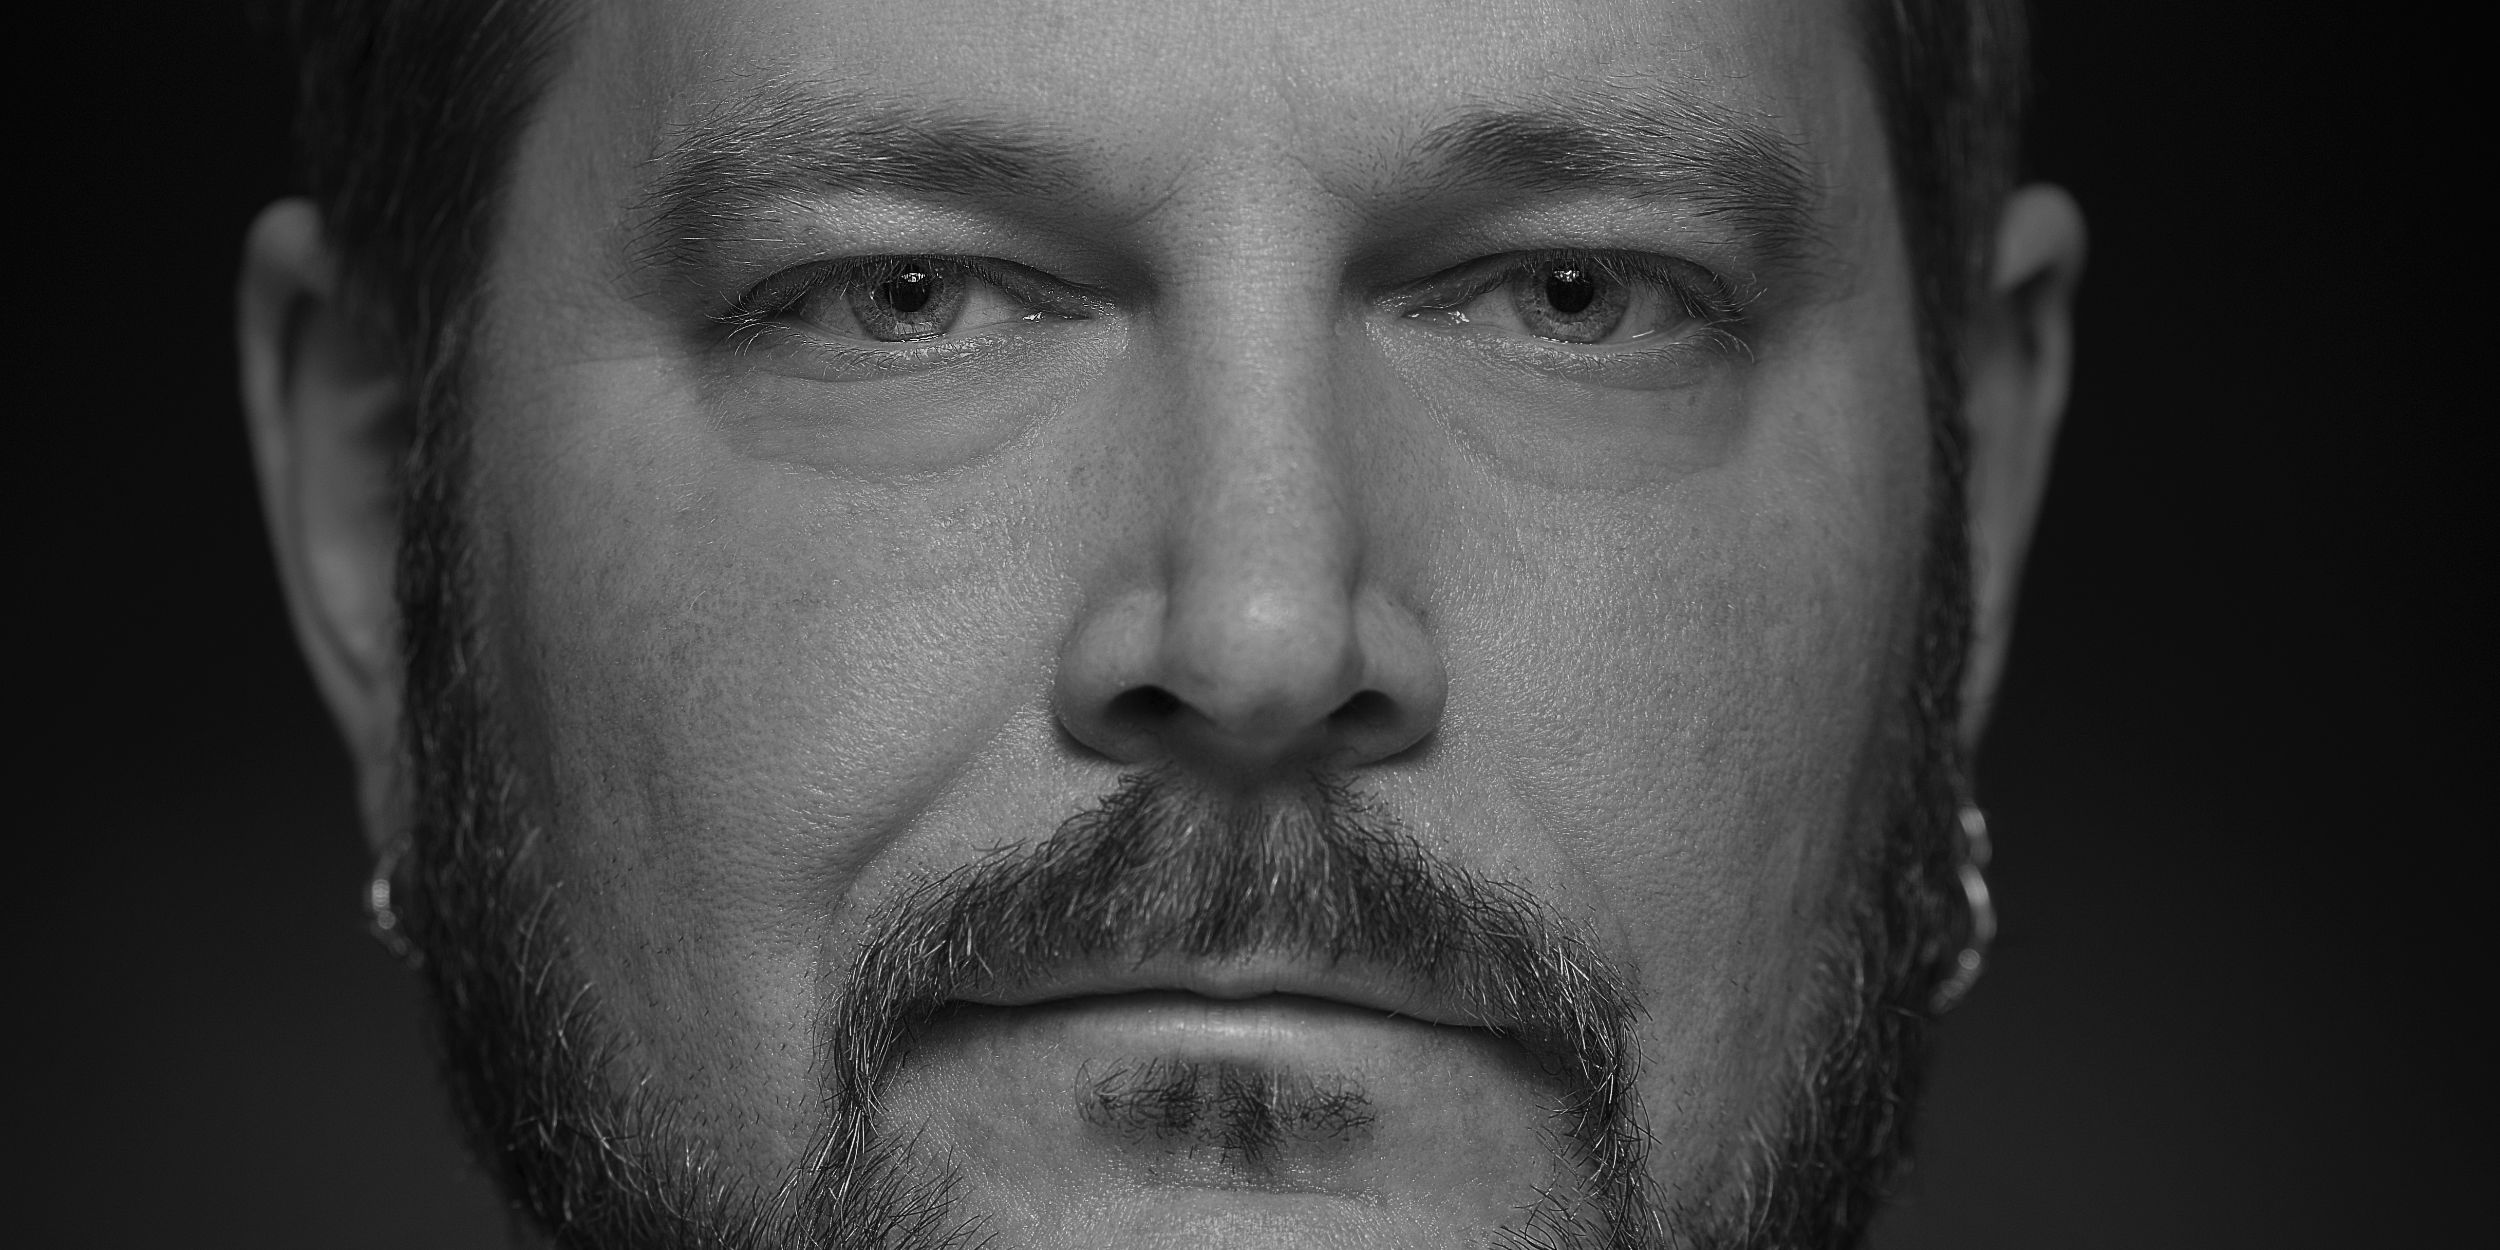 Mitarbeiter Fotografie Stuttgart und Umgebung Mitarbeiterfotos Mitarbeiterportraits Selbstportrait Jens Maria Oswald